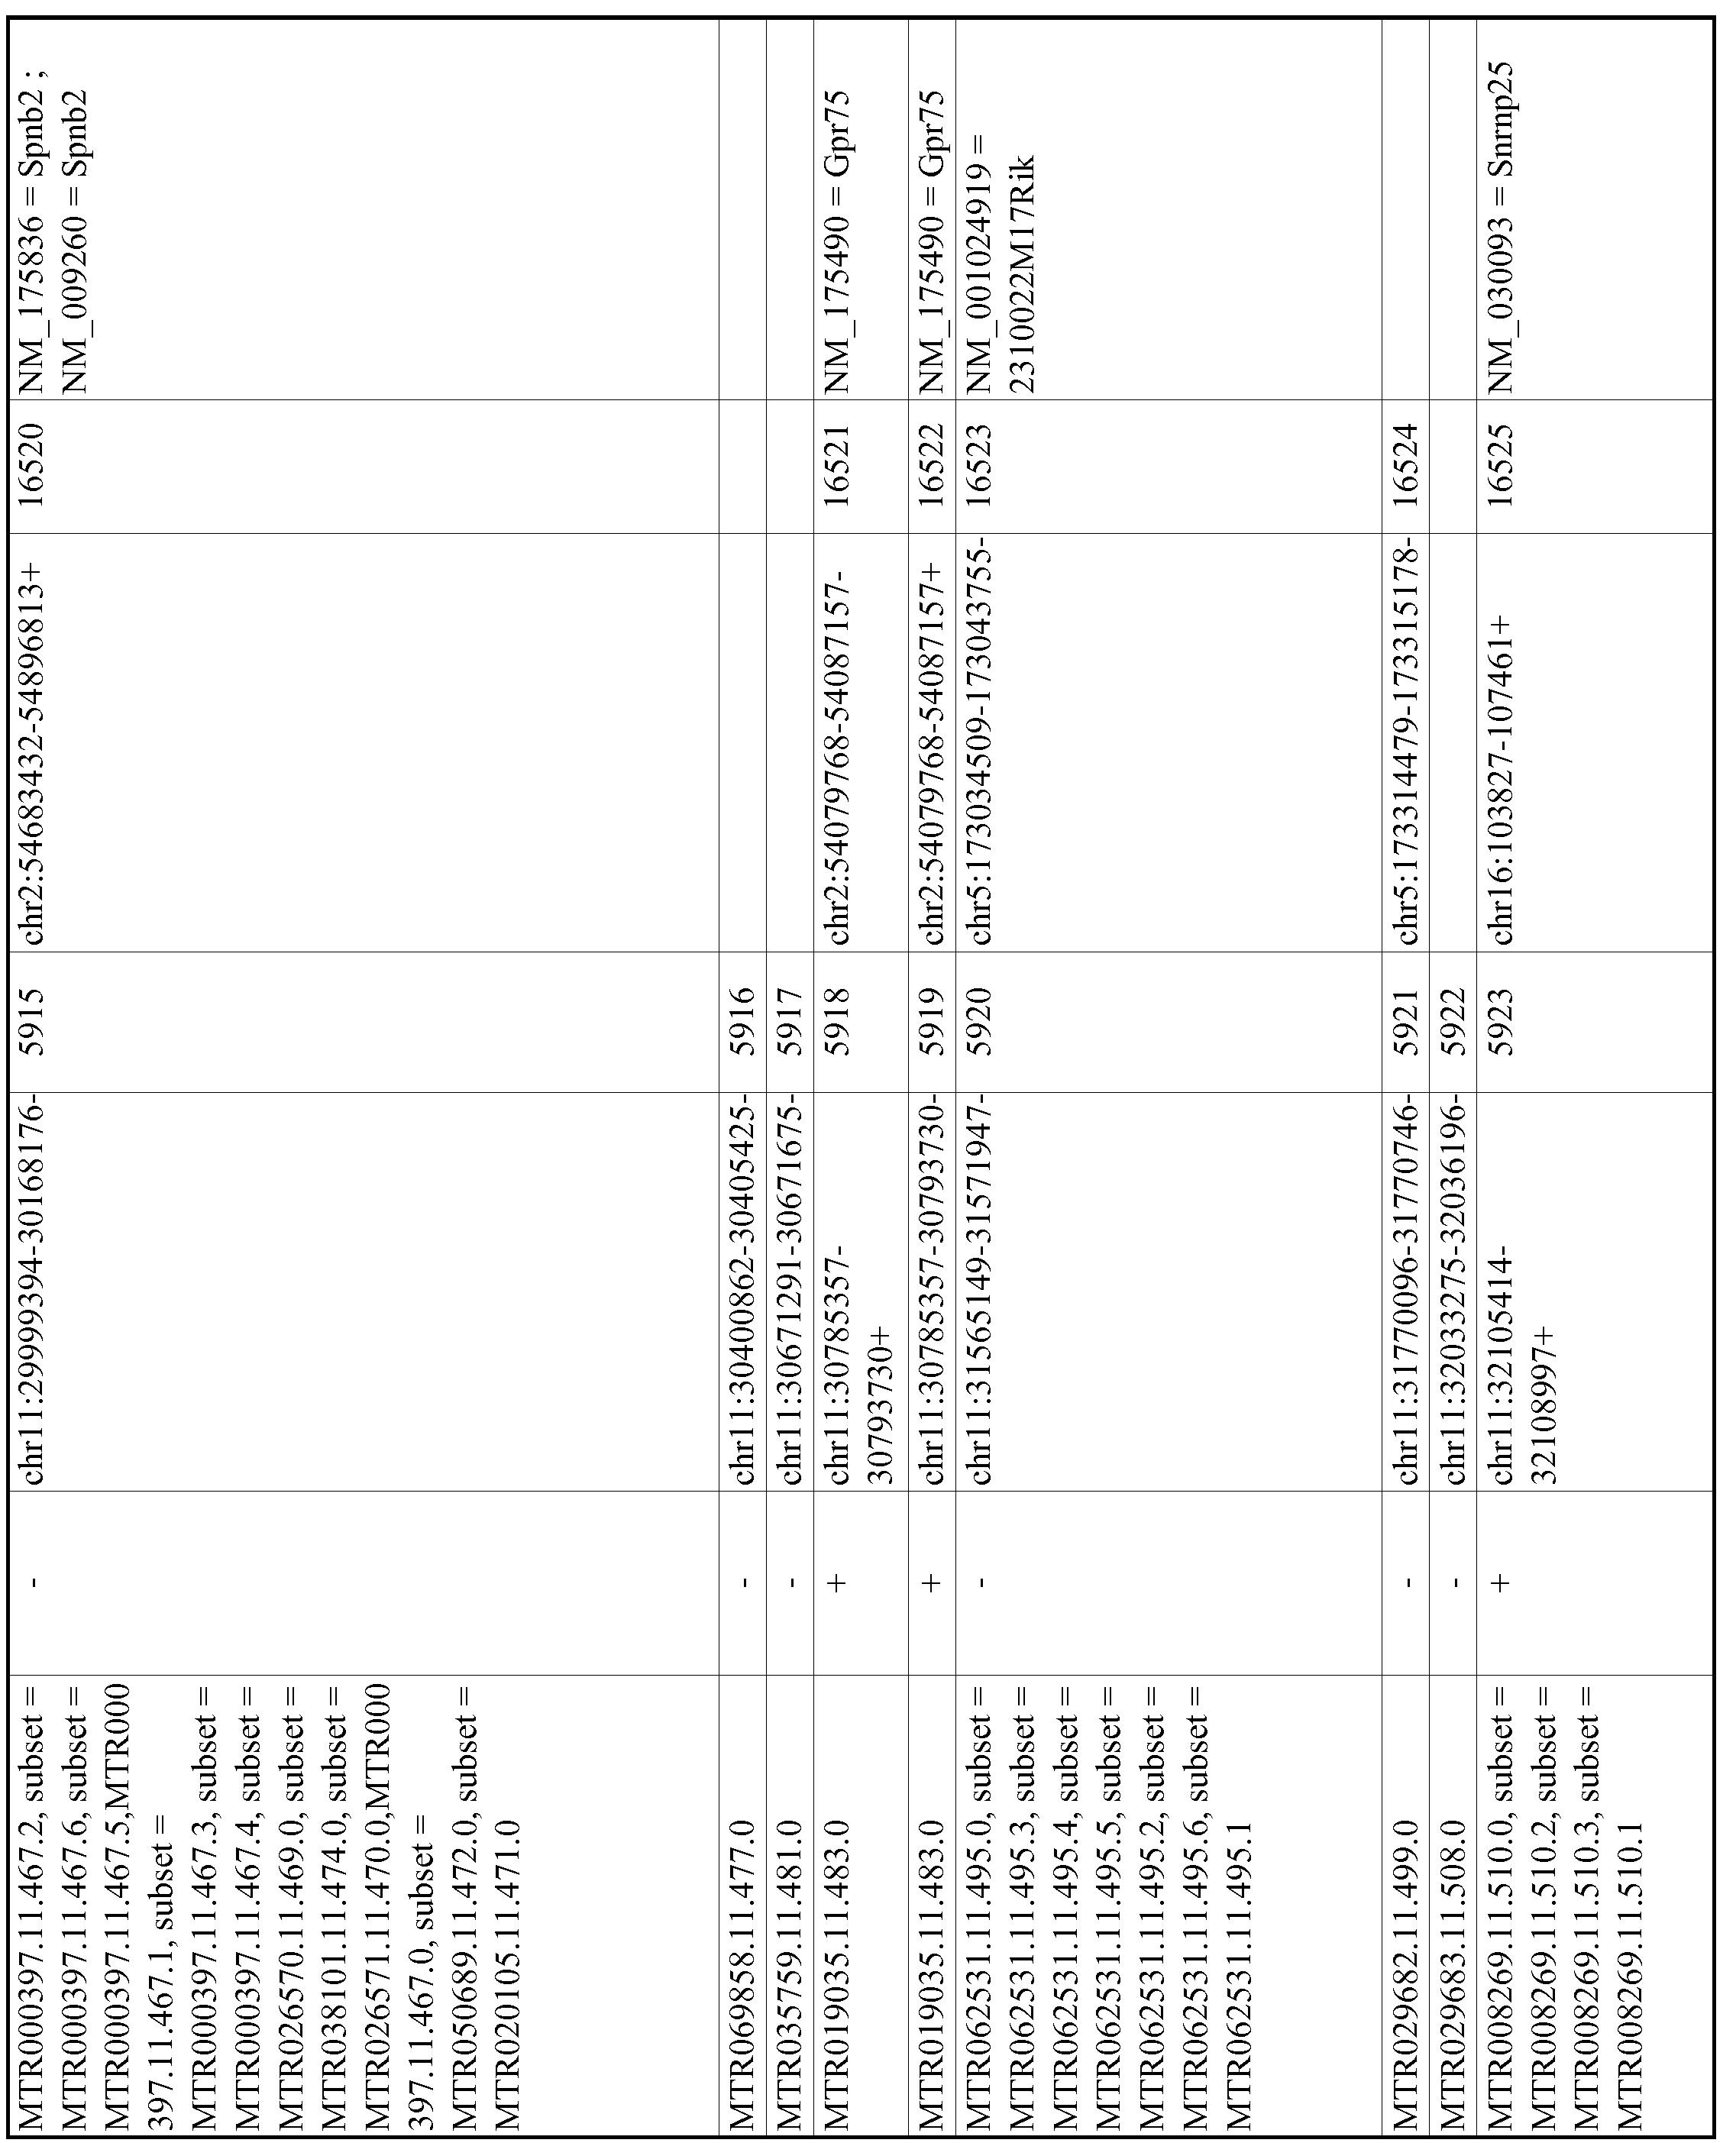 Figure imgf001066_0001